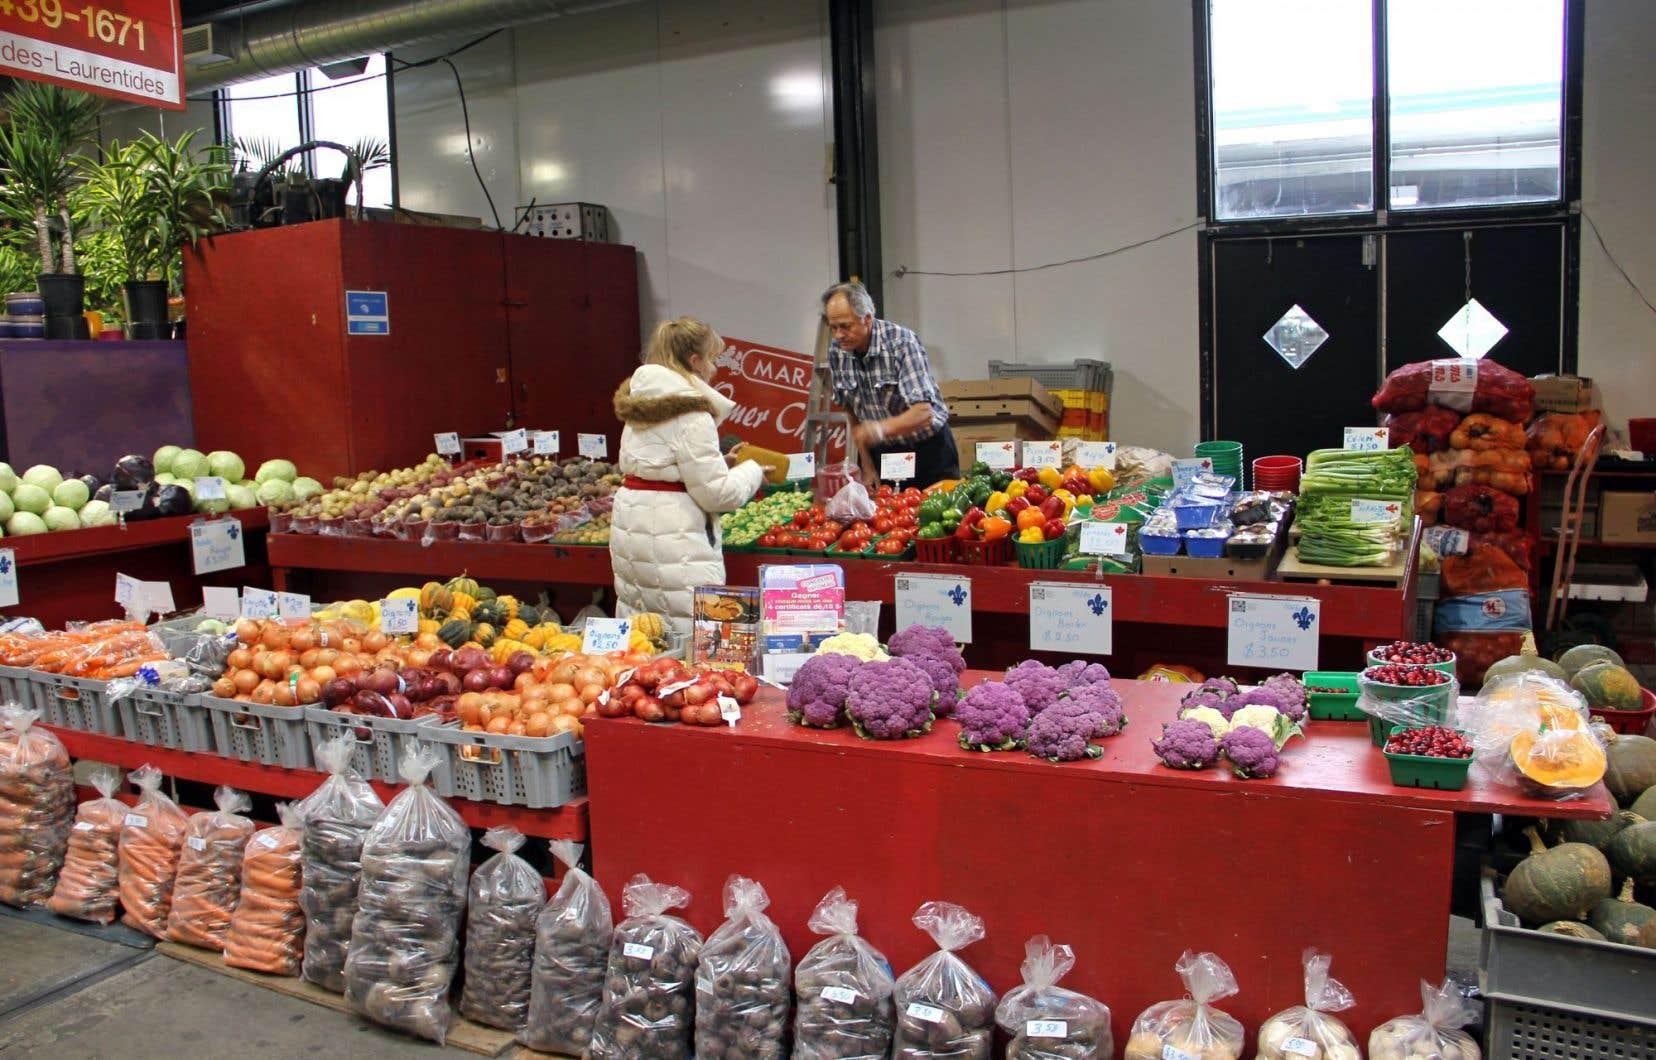 À l'exception des meubles fabriqués au Québec, les produits locaux qui se retrouvent dans le palmarès du Baromètre 2016 de la consommation responsable sont tous des aliments.